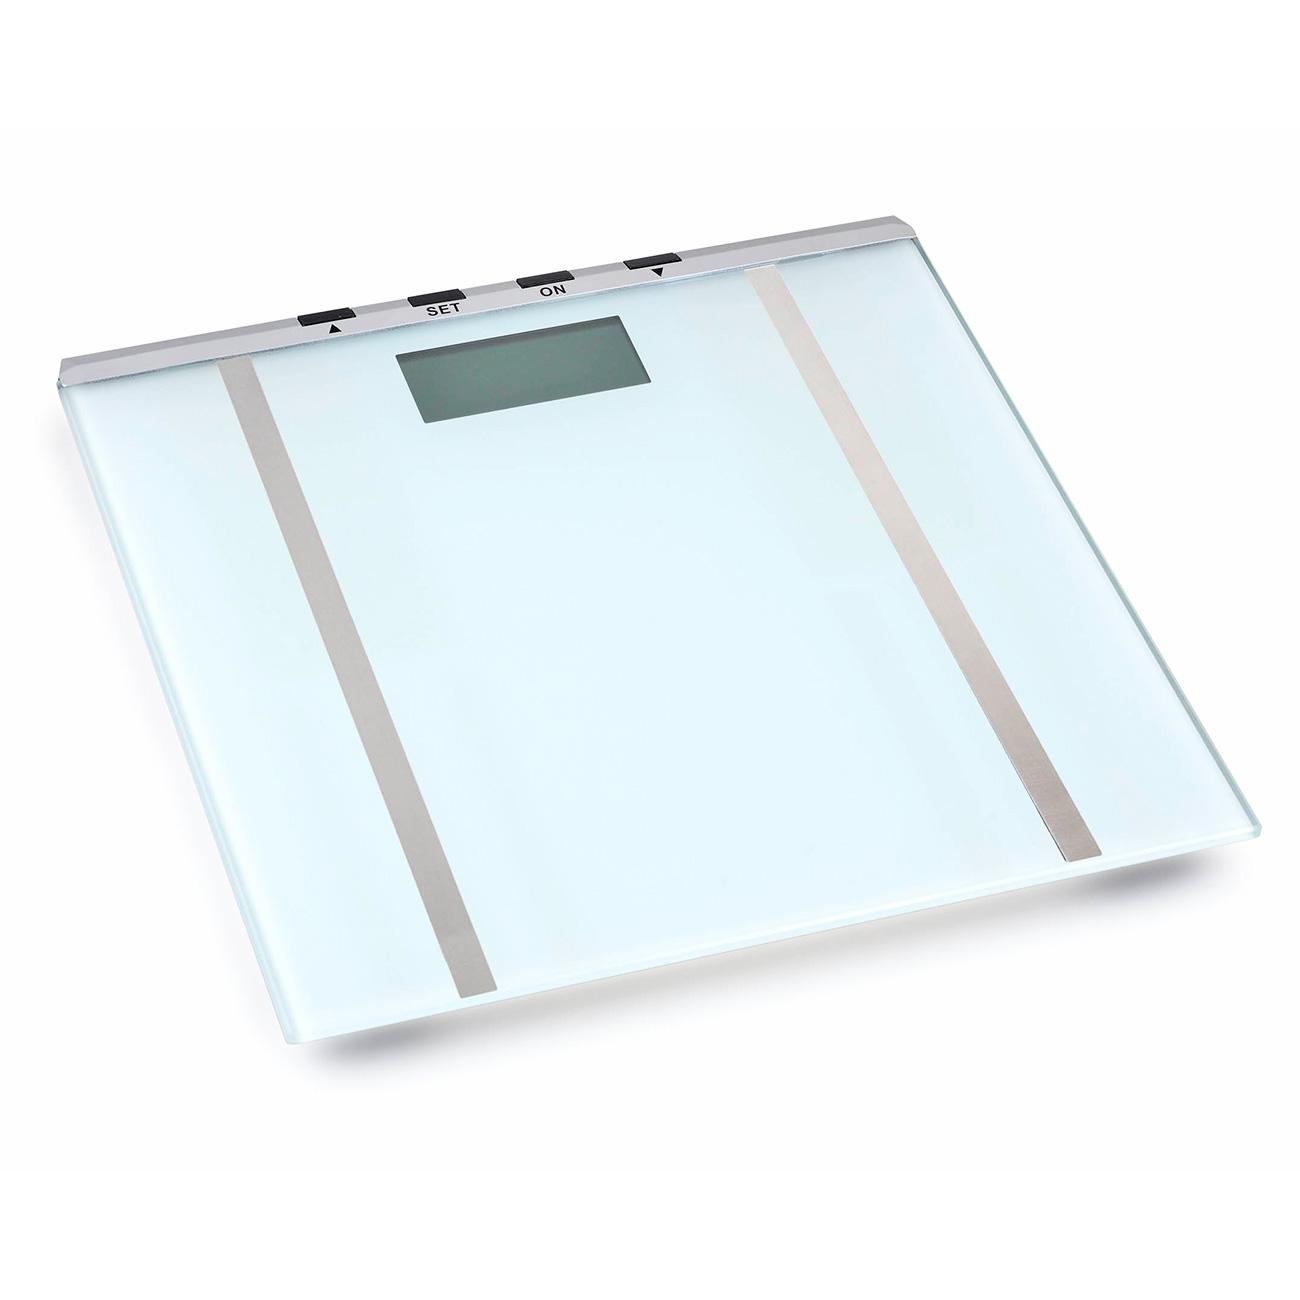 Дигитален кантар - анализатор ZEPHYR ZP 1650 BF, Закалено стъкло, LCD, Памет до 10 човека, 150 кг в Кантари - ZEPHYR   Alleop